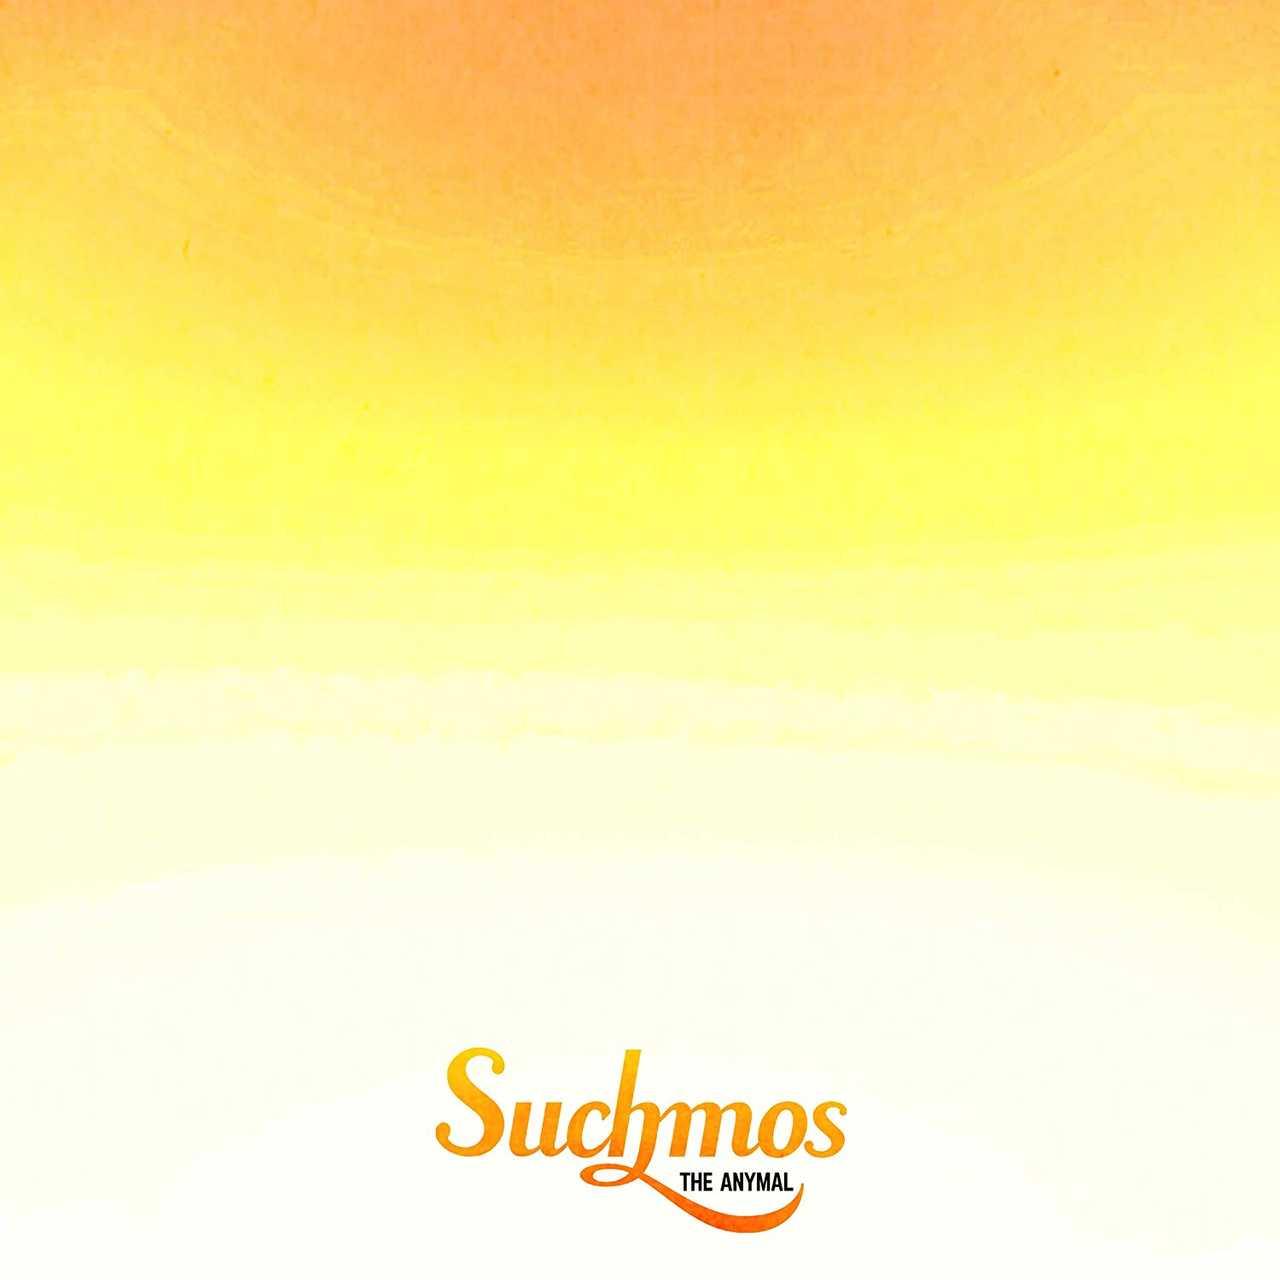 「THE ANYMAL」が証明したSuchmosの絶対価値